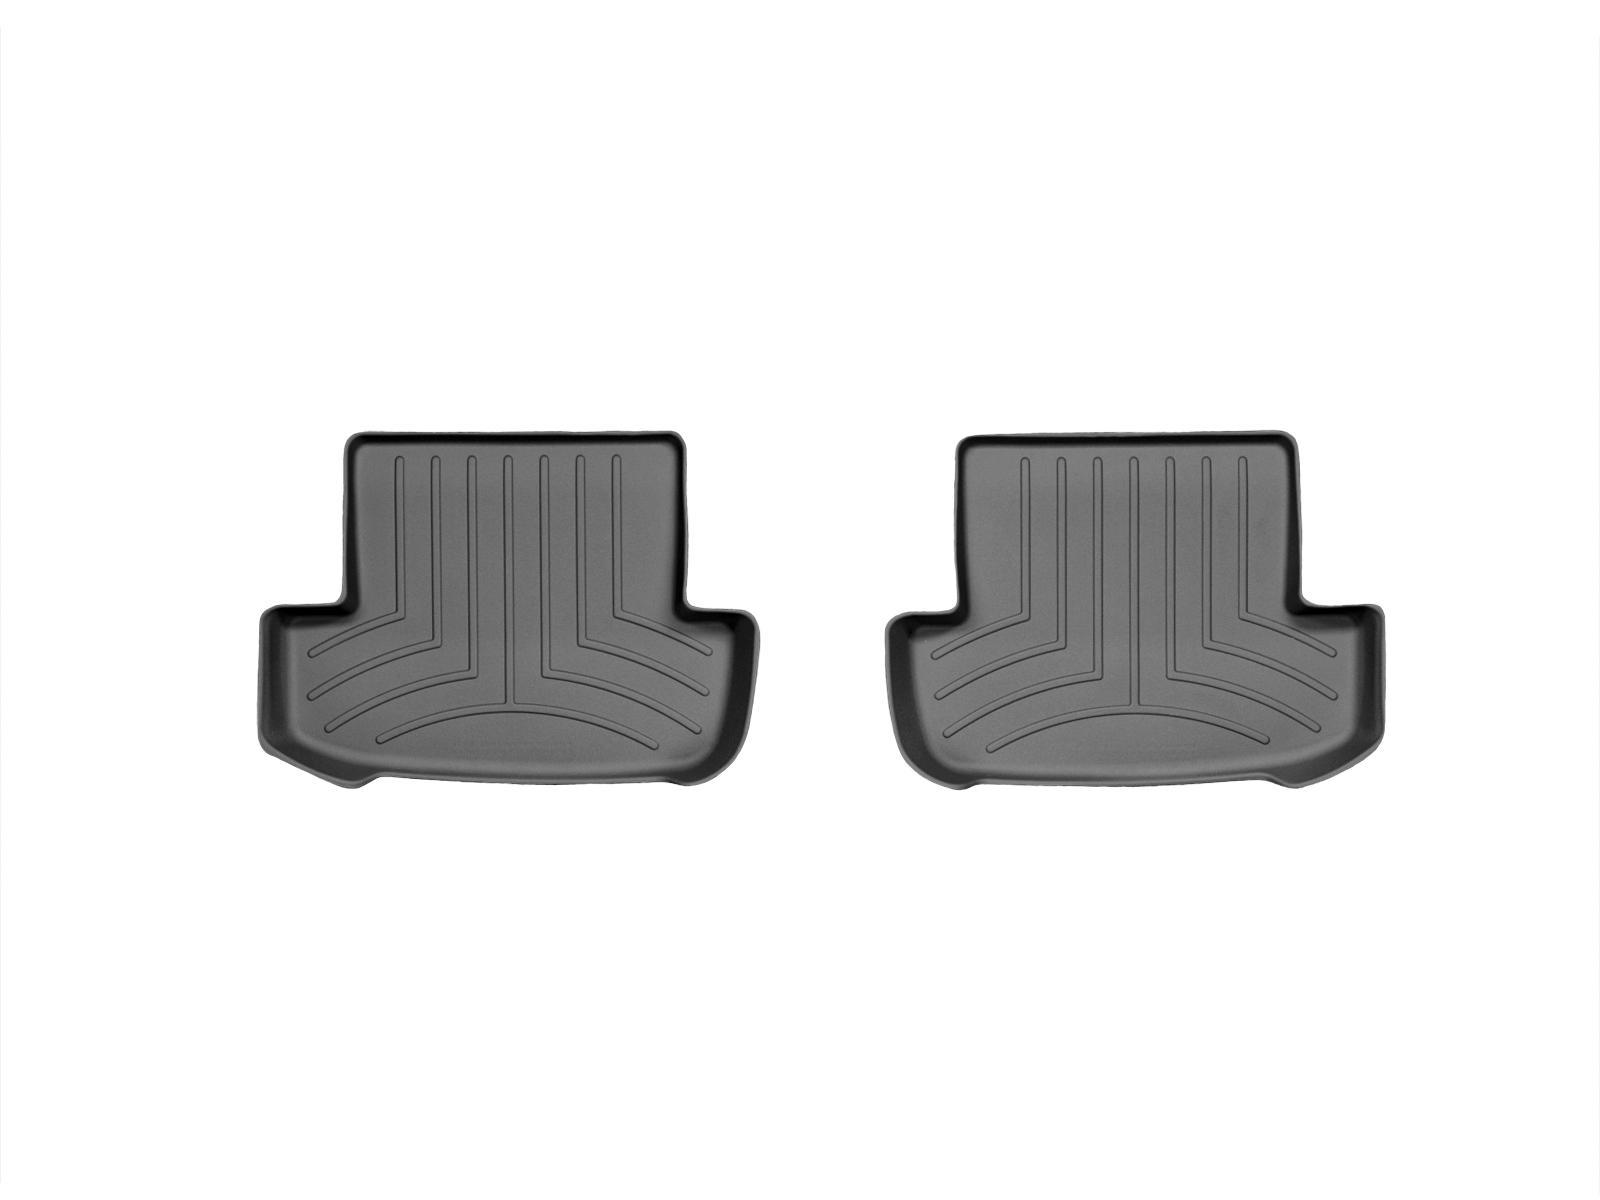 Tappeti gomma su misura bordo alto Mercedes E-Class 12>12 Nero A2397*